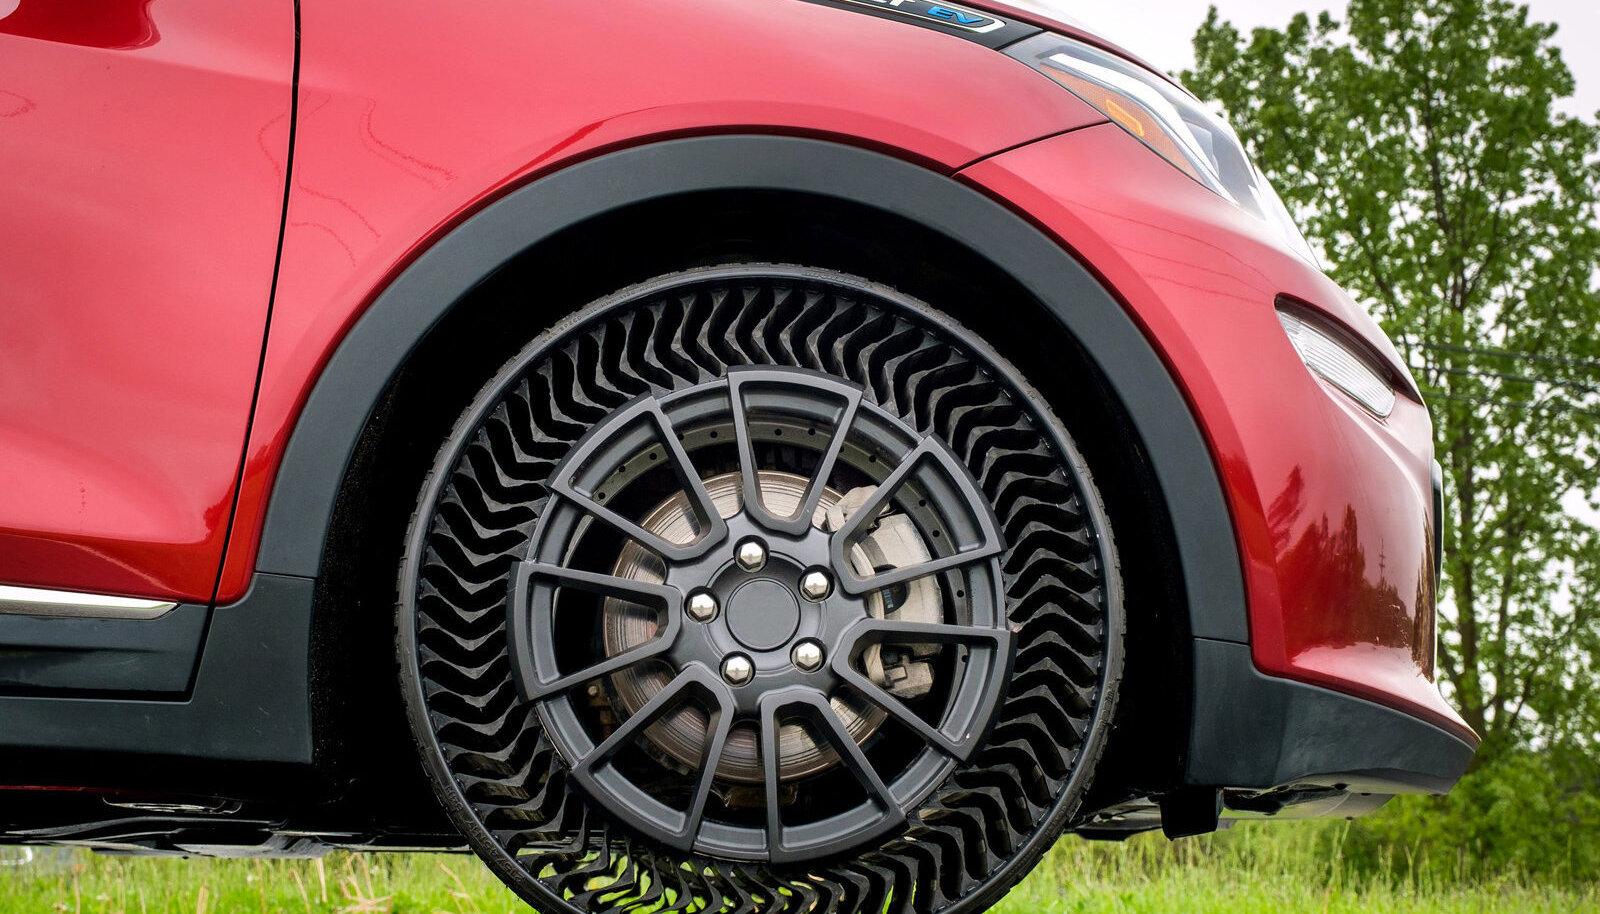 Selline näeb välja GM ja Michelini poolt esitletud ilma õhuta tulevikurehv